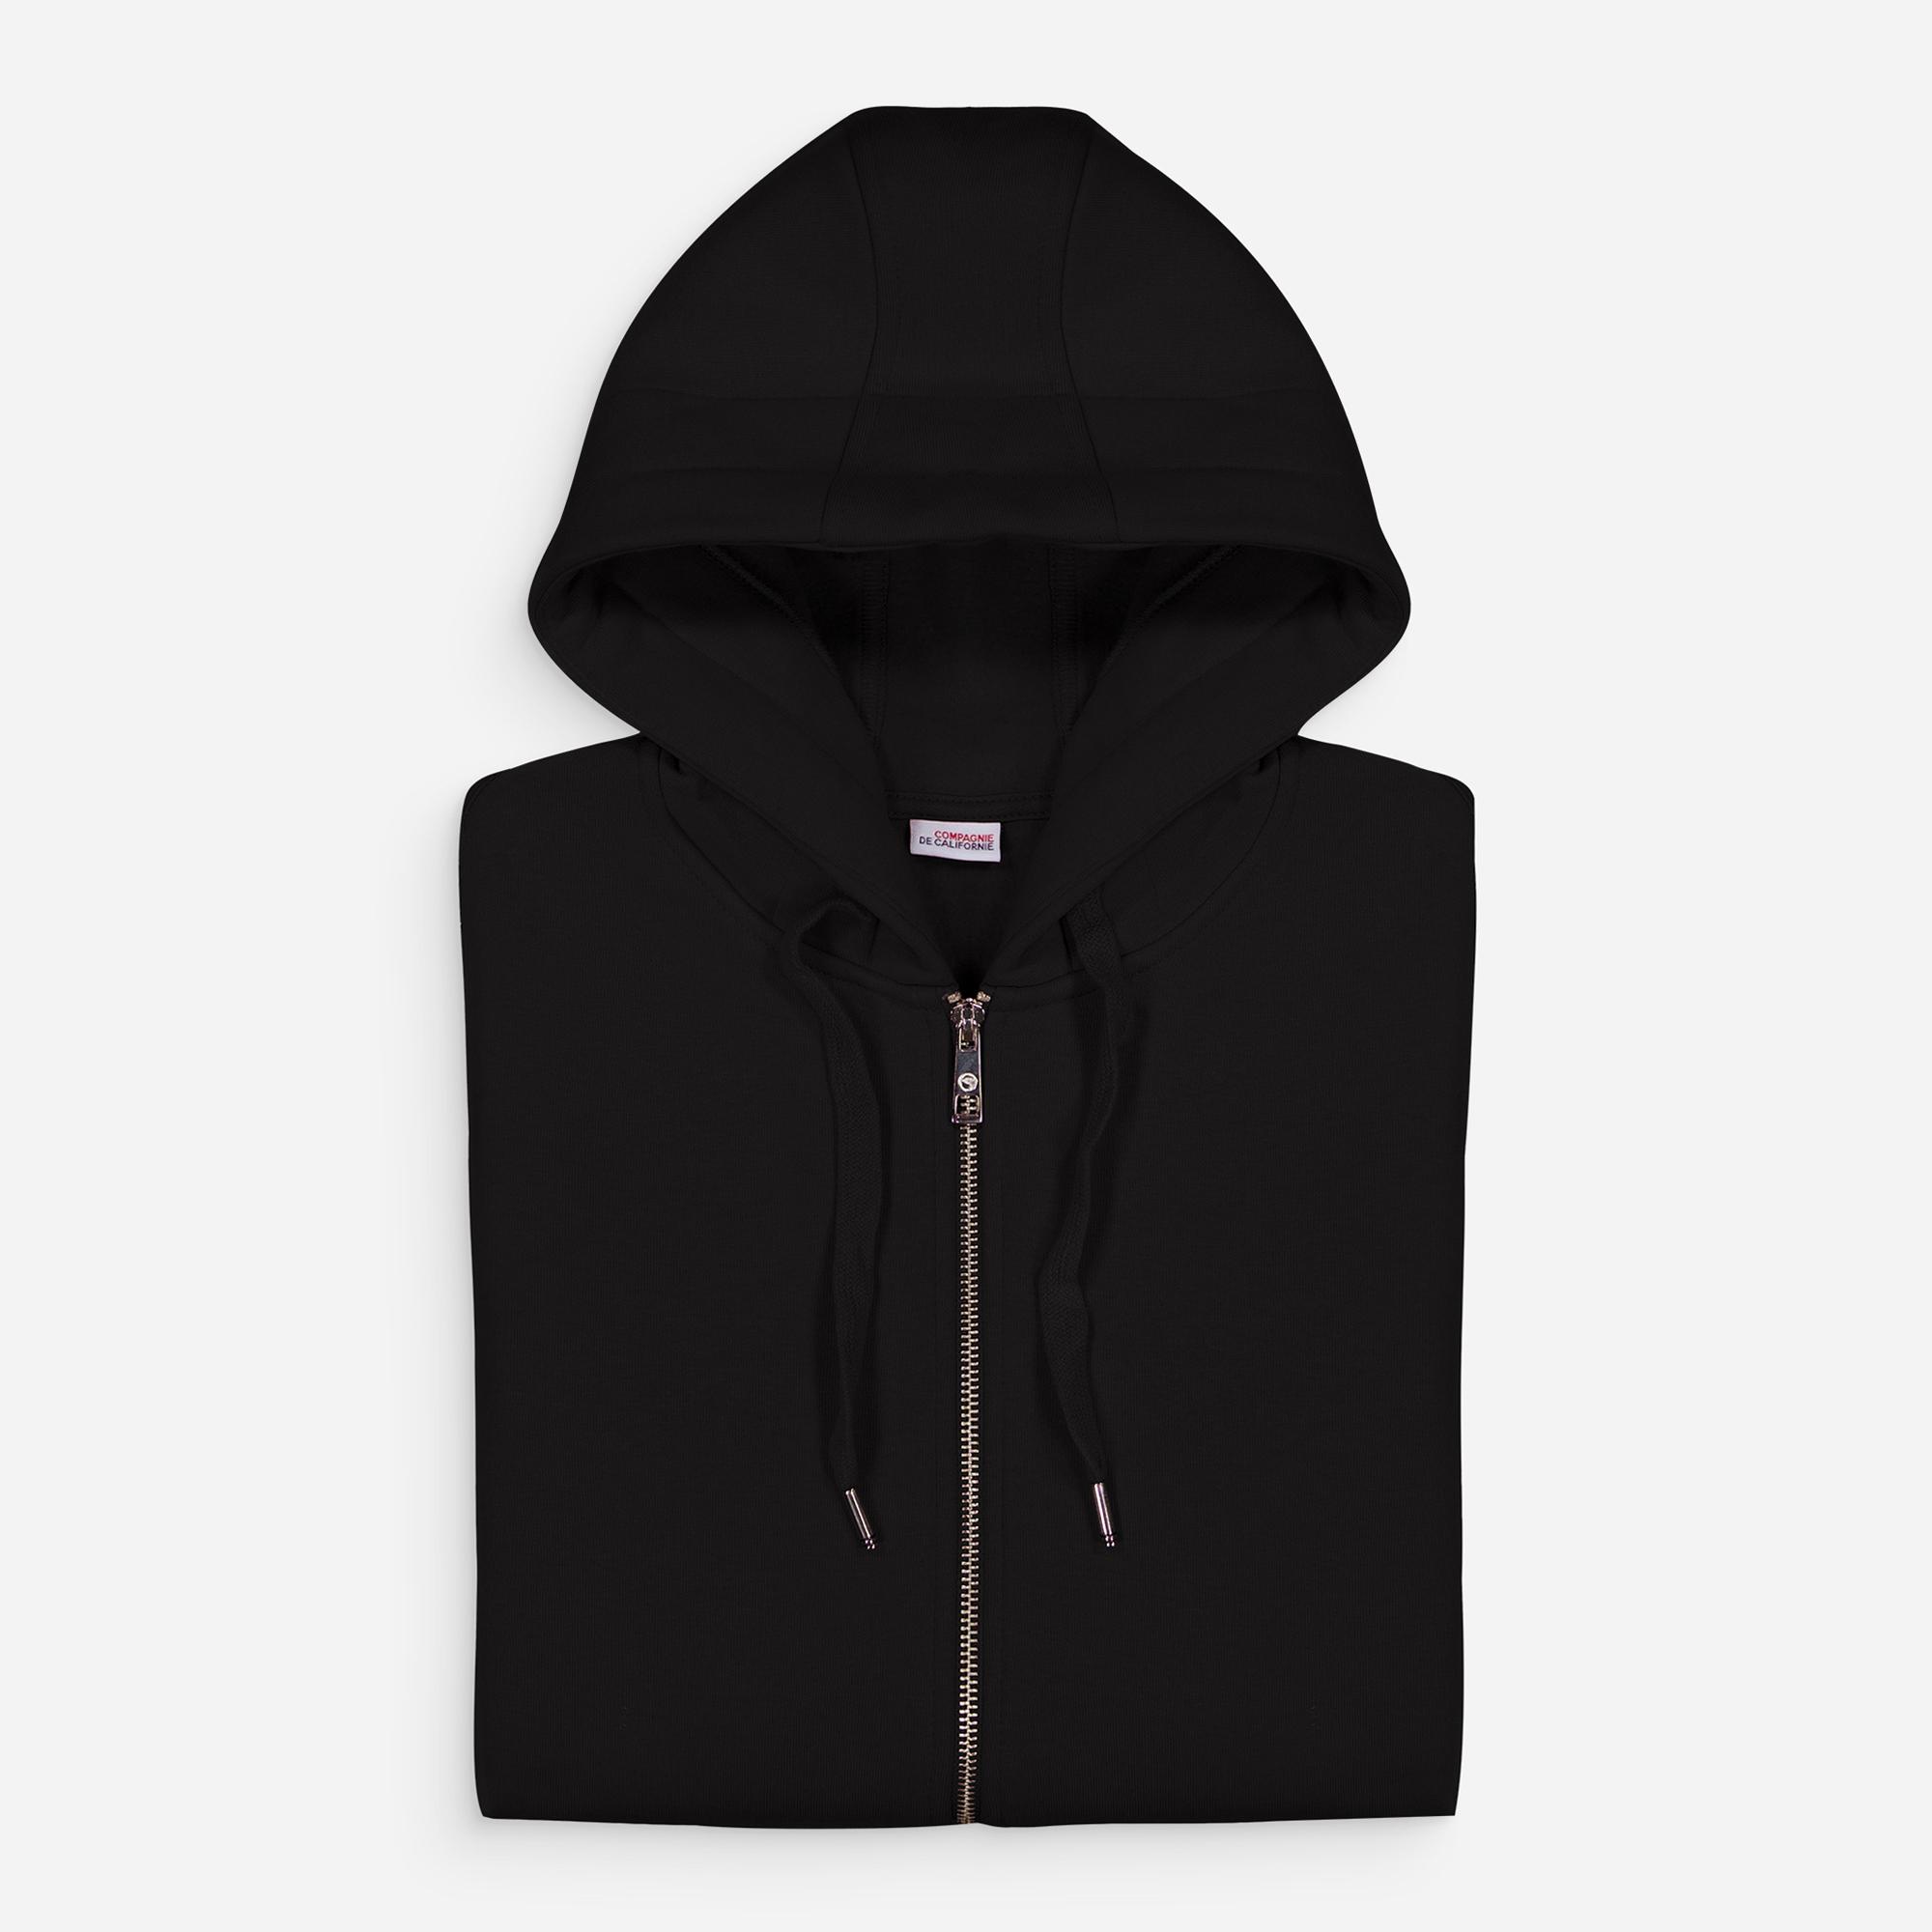 new cupertino hoodie zip black